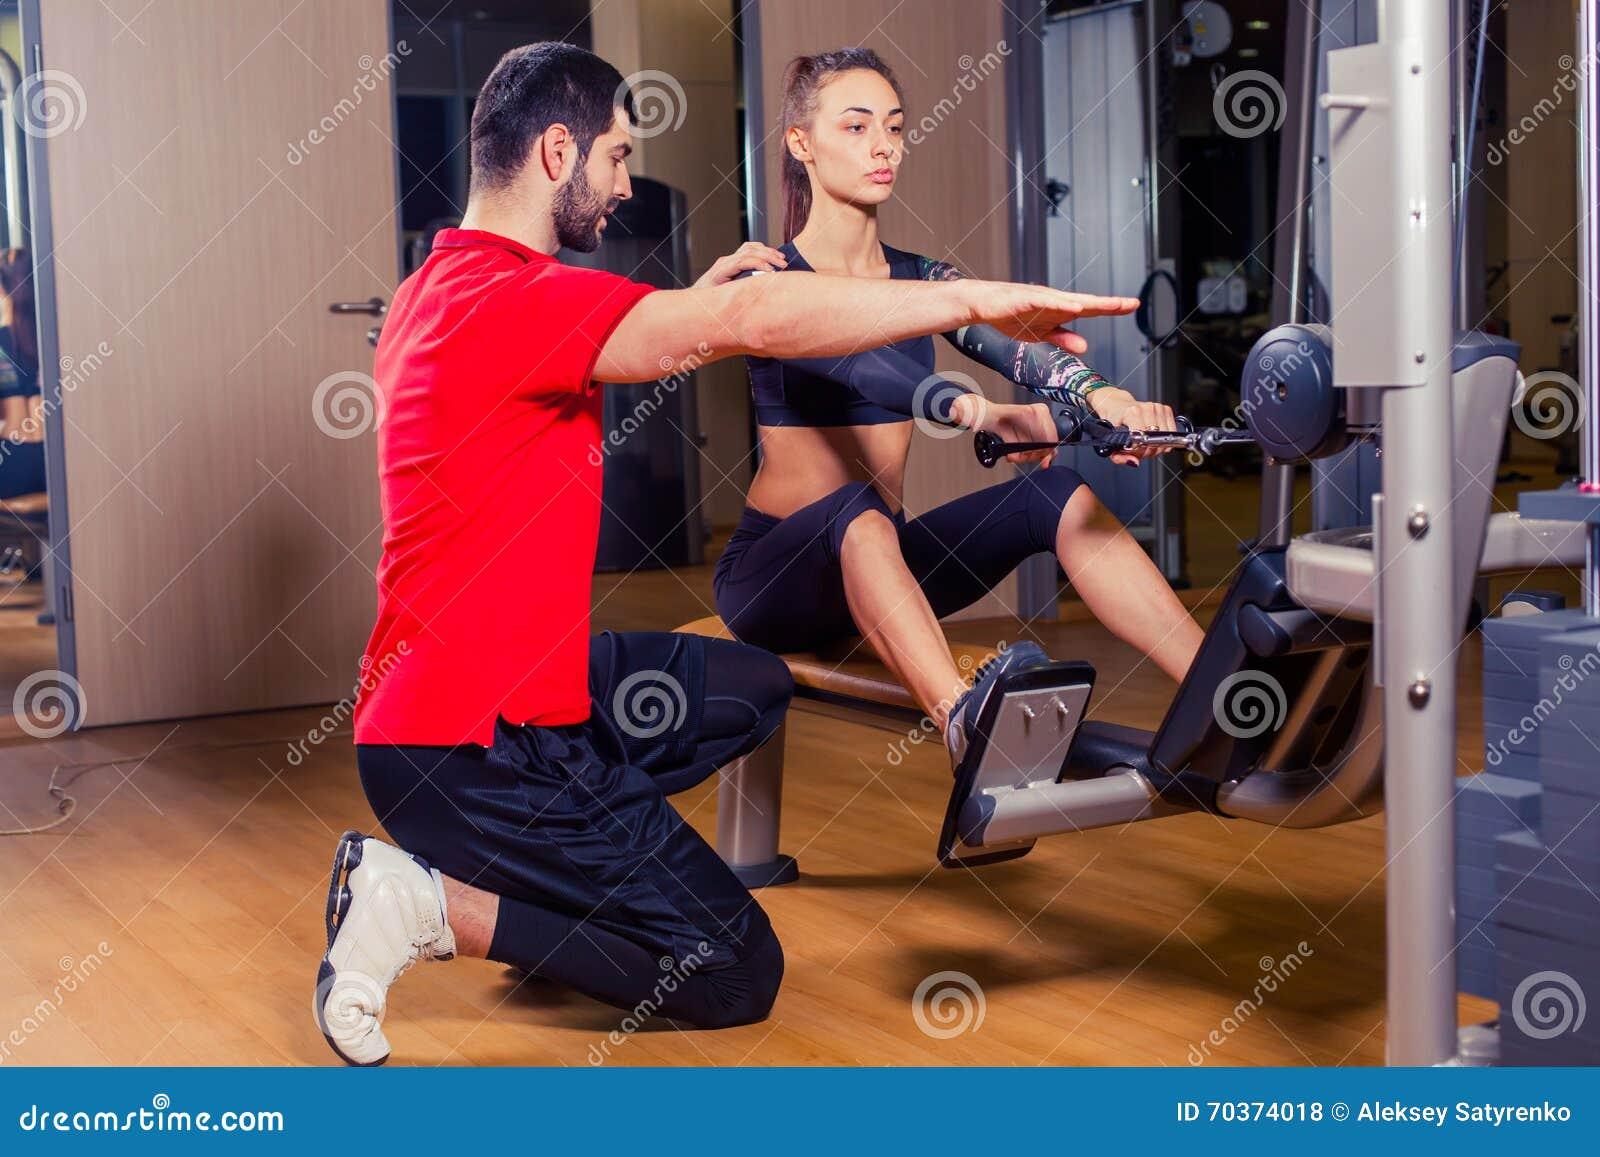 学生可以在健身房里做什么工作呀.我什么都不会呀.